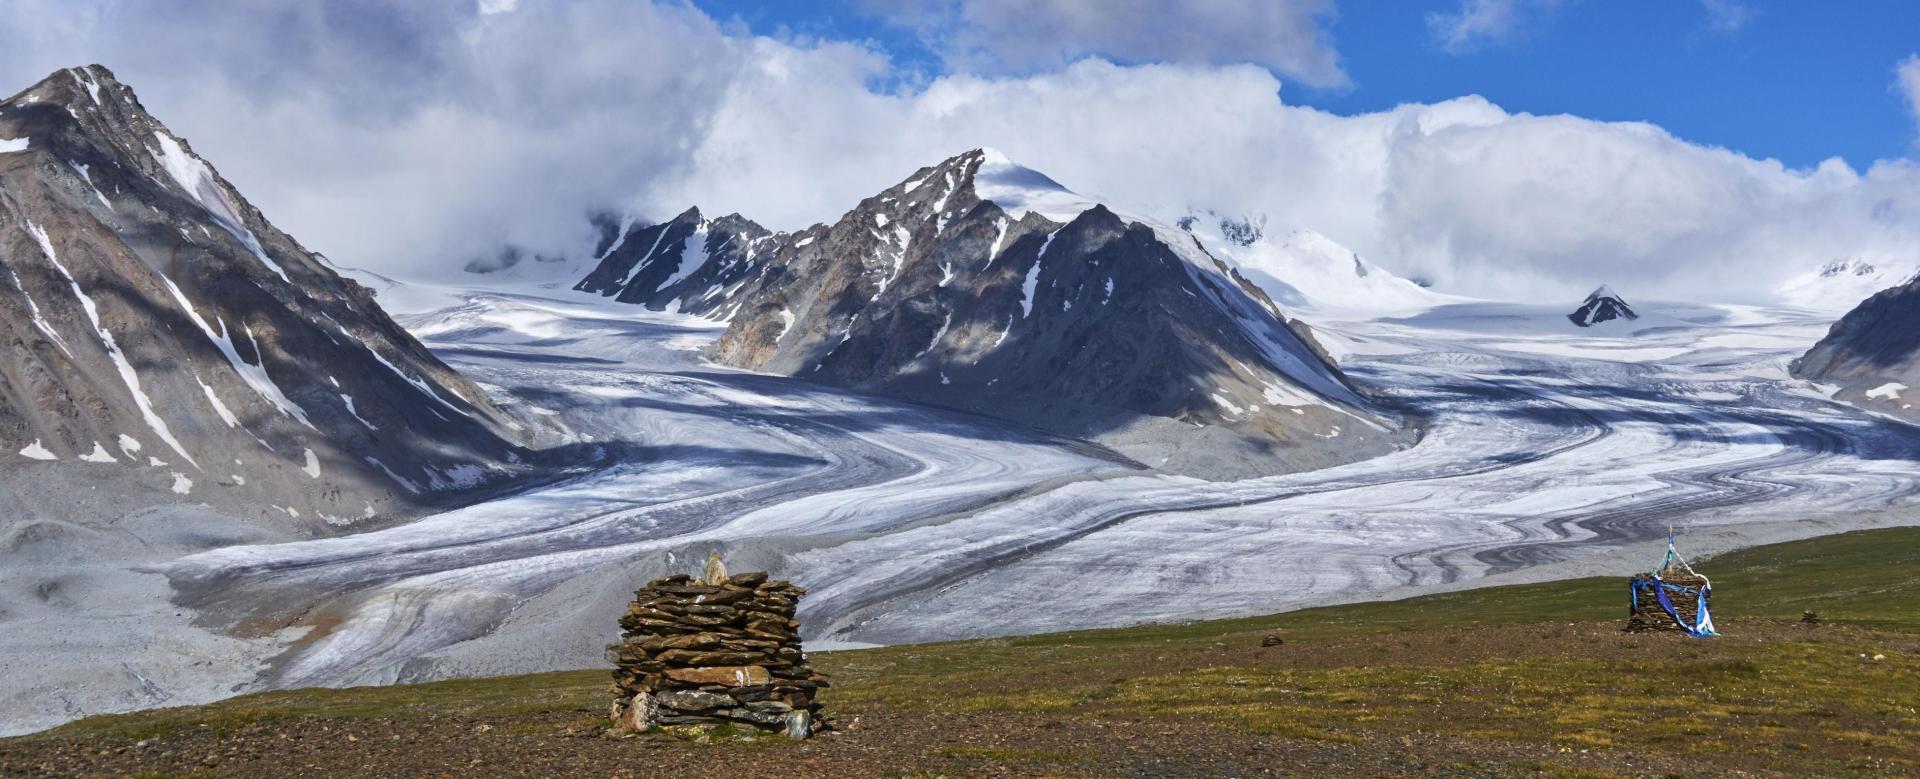 Voyage à pied Mongolie : Trek entre lacs et glaciers de l'altaï mongol